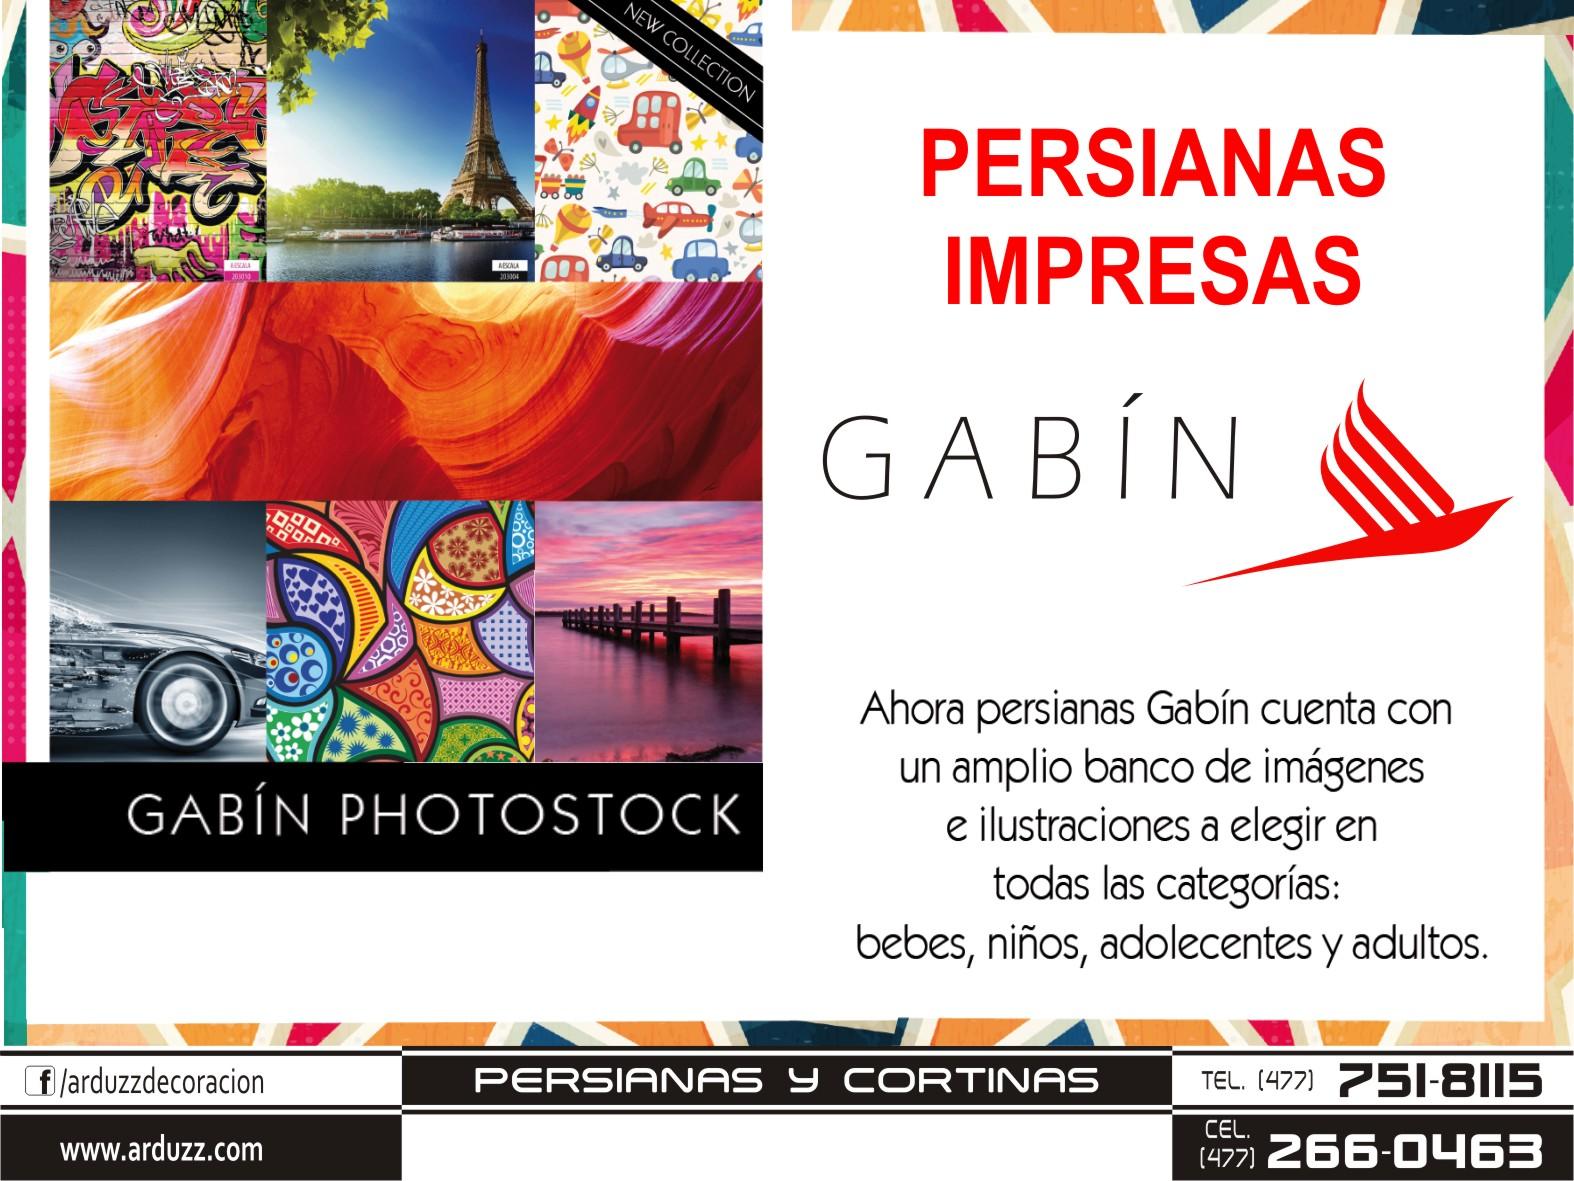 Persiana_Impresa_Gabin_Leon_18